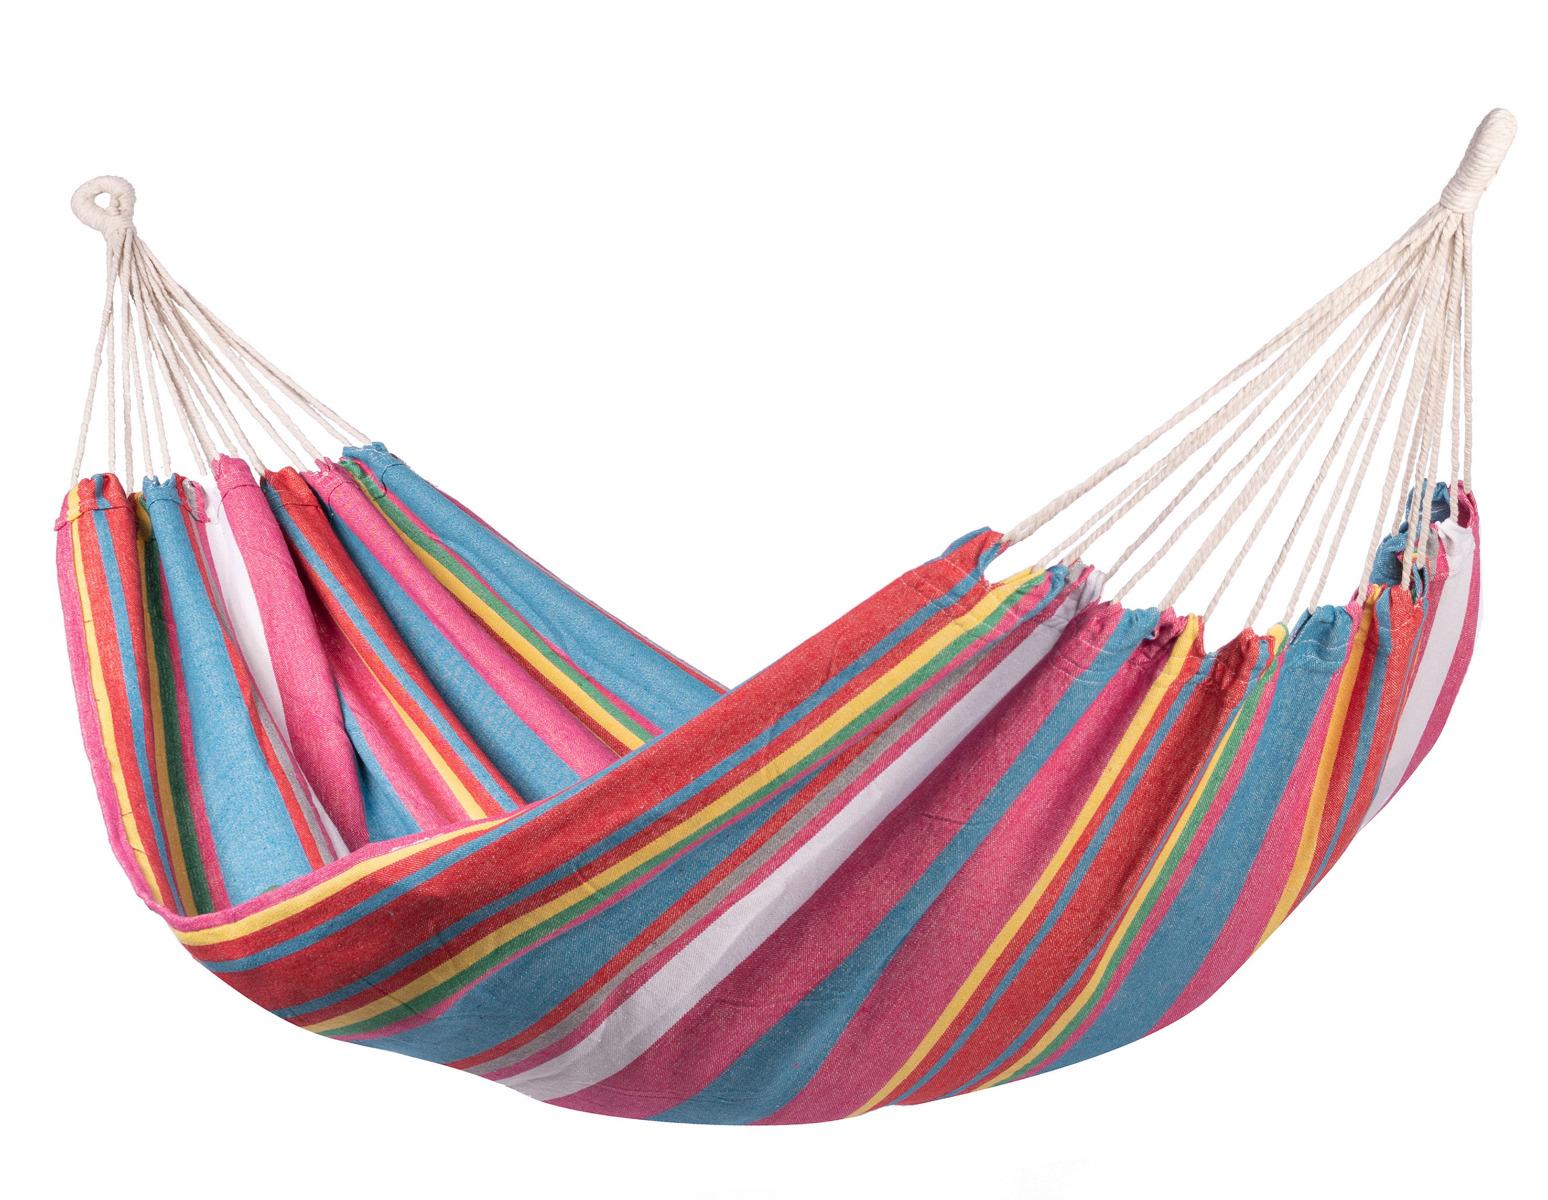 Hangmat Tweepersoons 'Salvora' Double - Veelkleurig - 123 Hammock